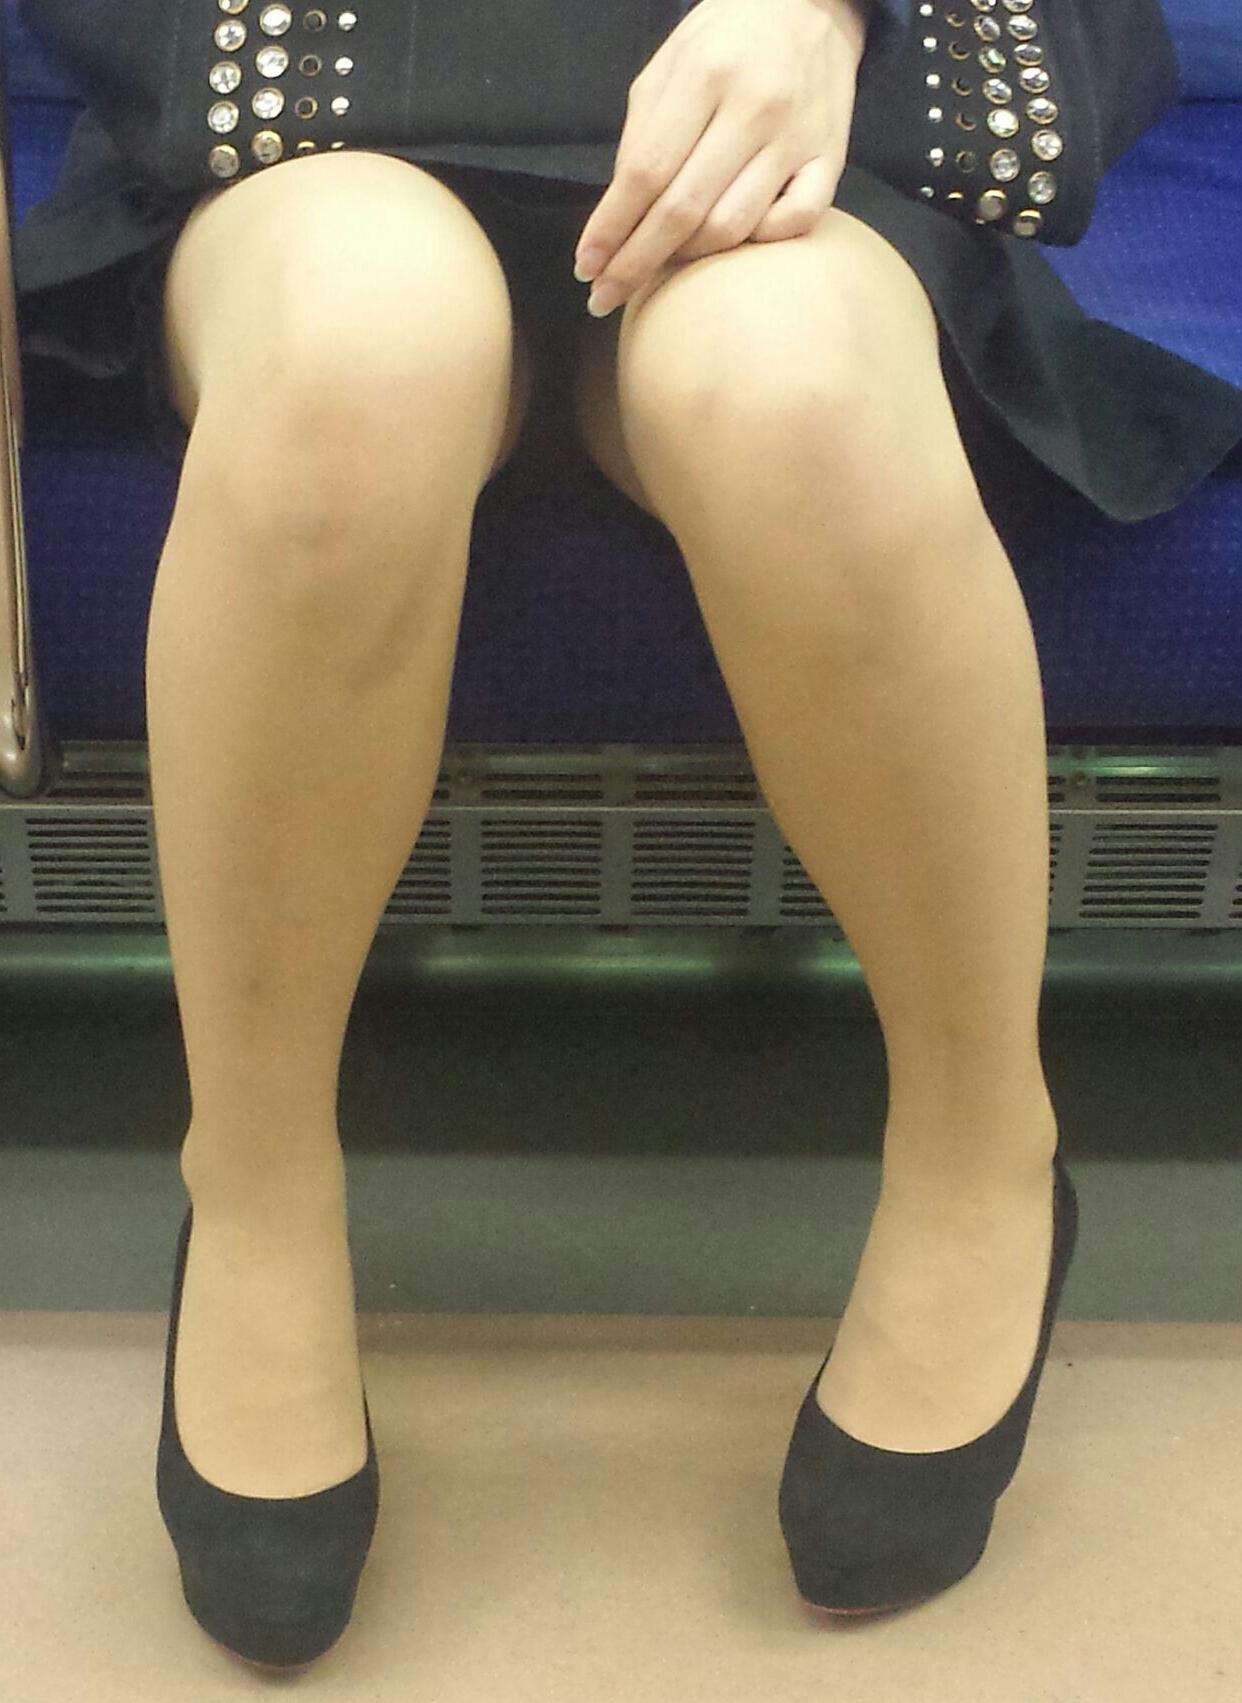 【美脚&チラリズムエロ画像】パンツ見えずとも諦めない!電車の対面から美脚チェックwww 01